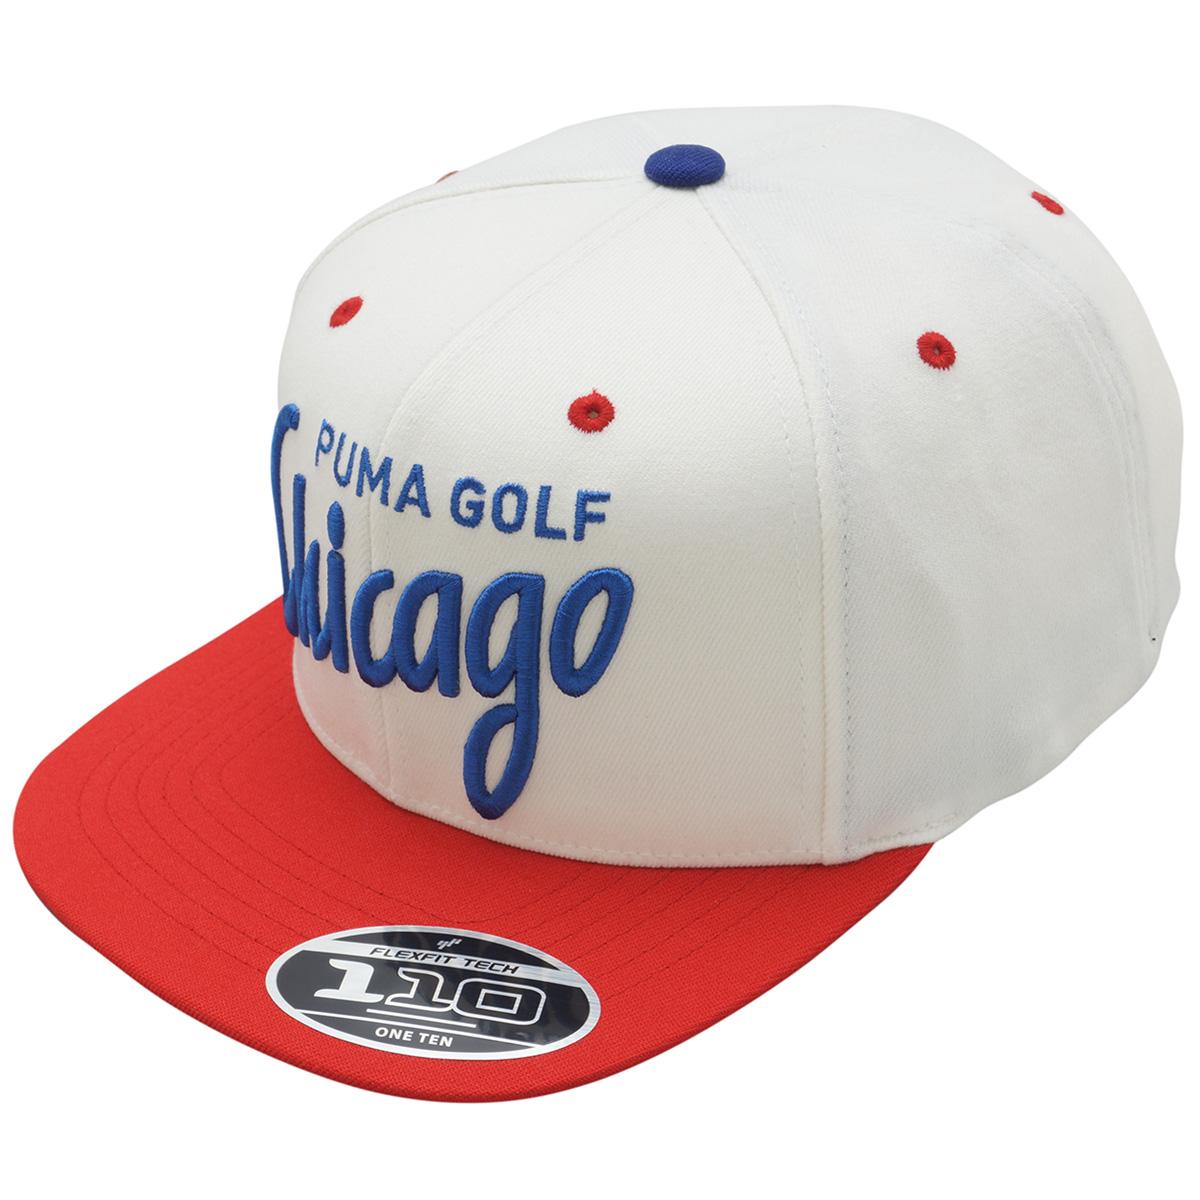 ゴルフ シカゴ シティ カップ